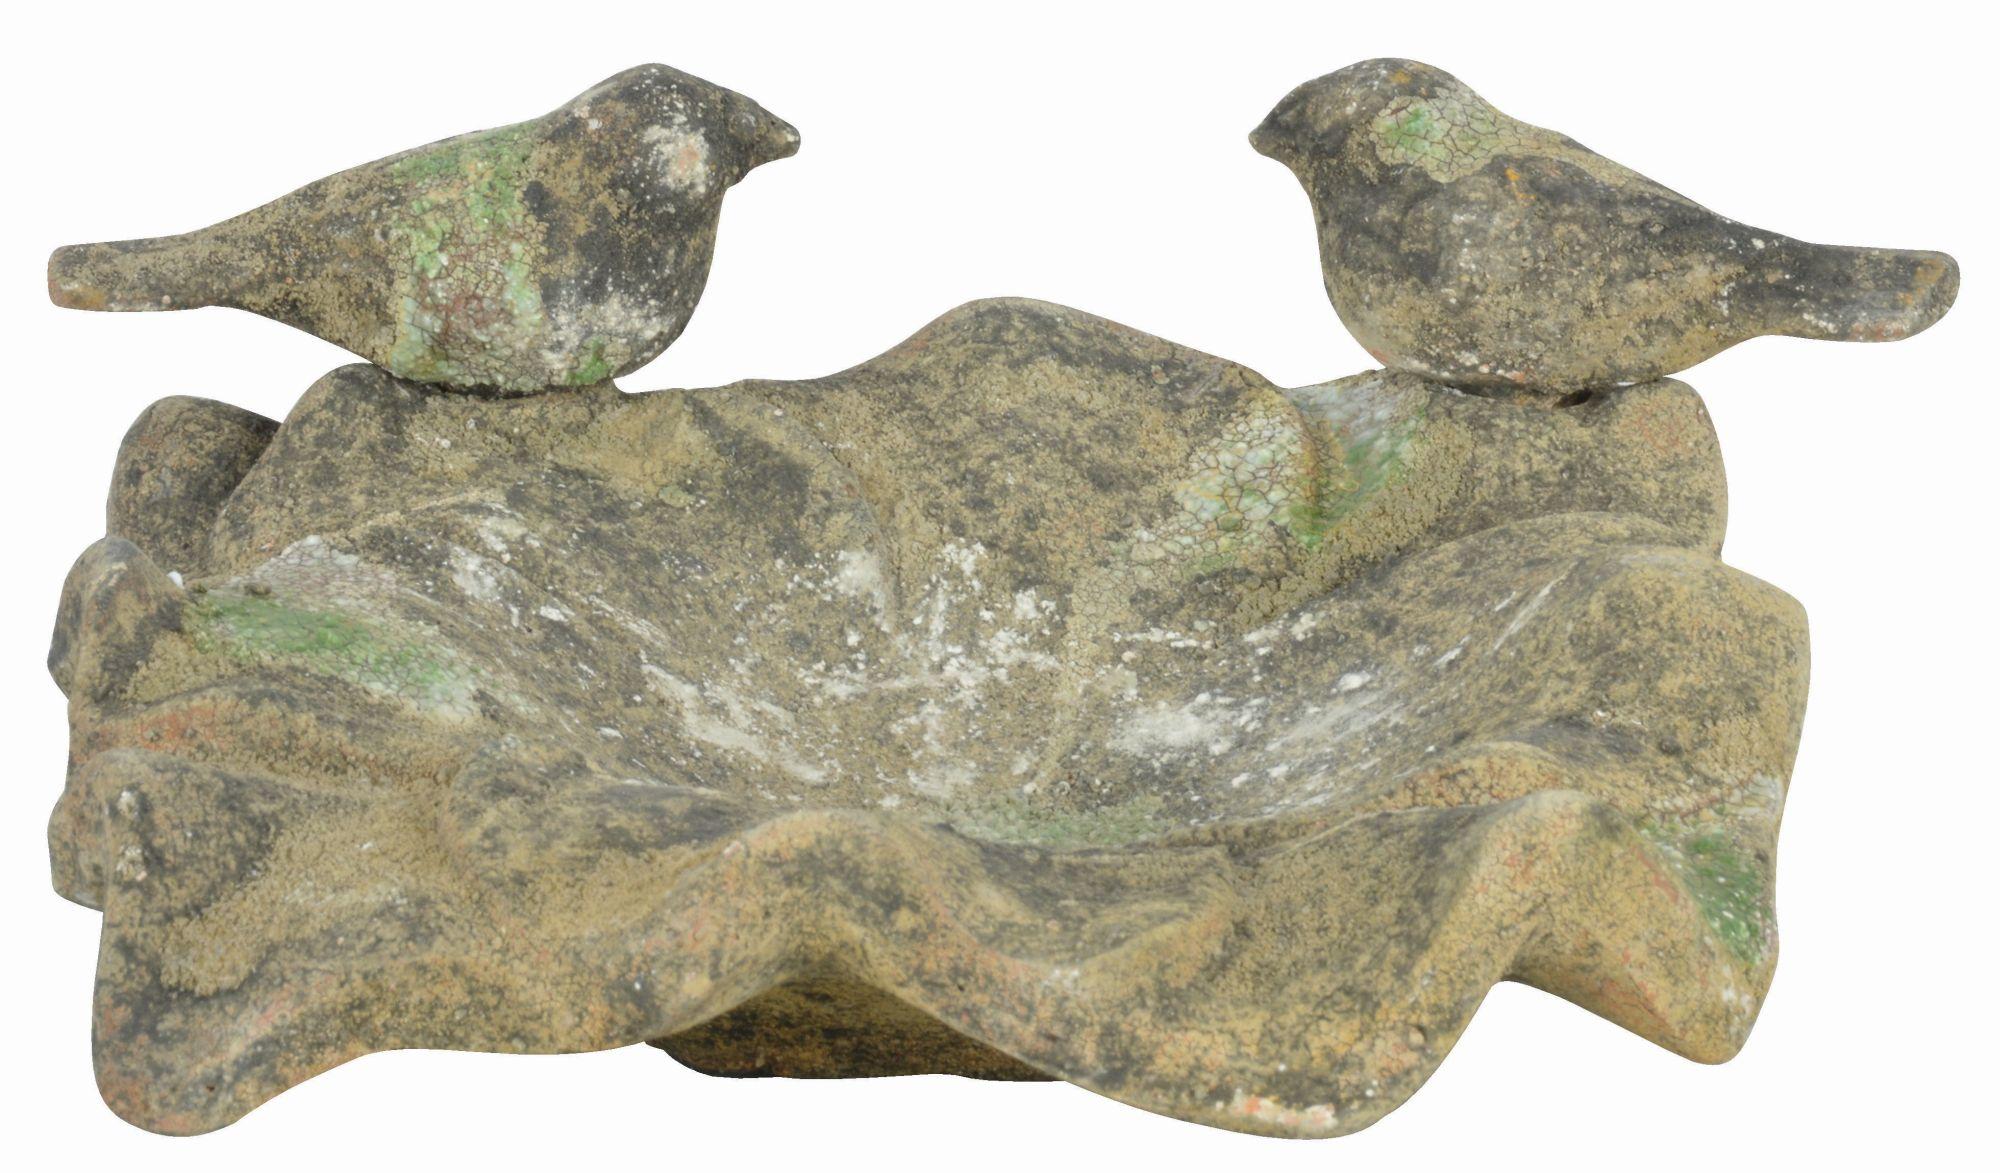 Esschert Gartenfigur Skulptur Vogel Gusseisenfigur 14 cm x 10 cm x 12 cm